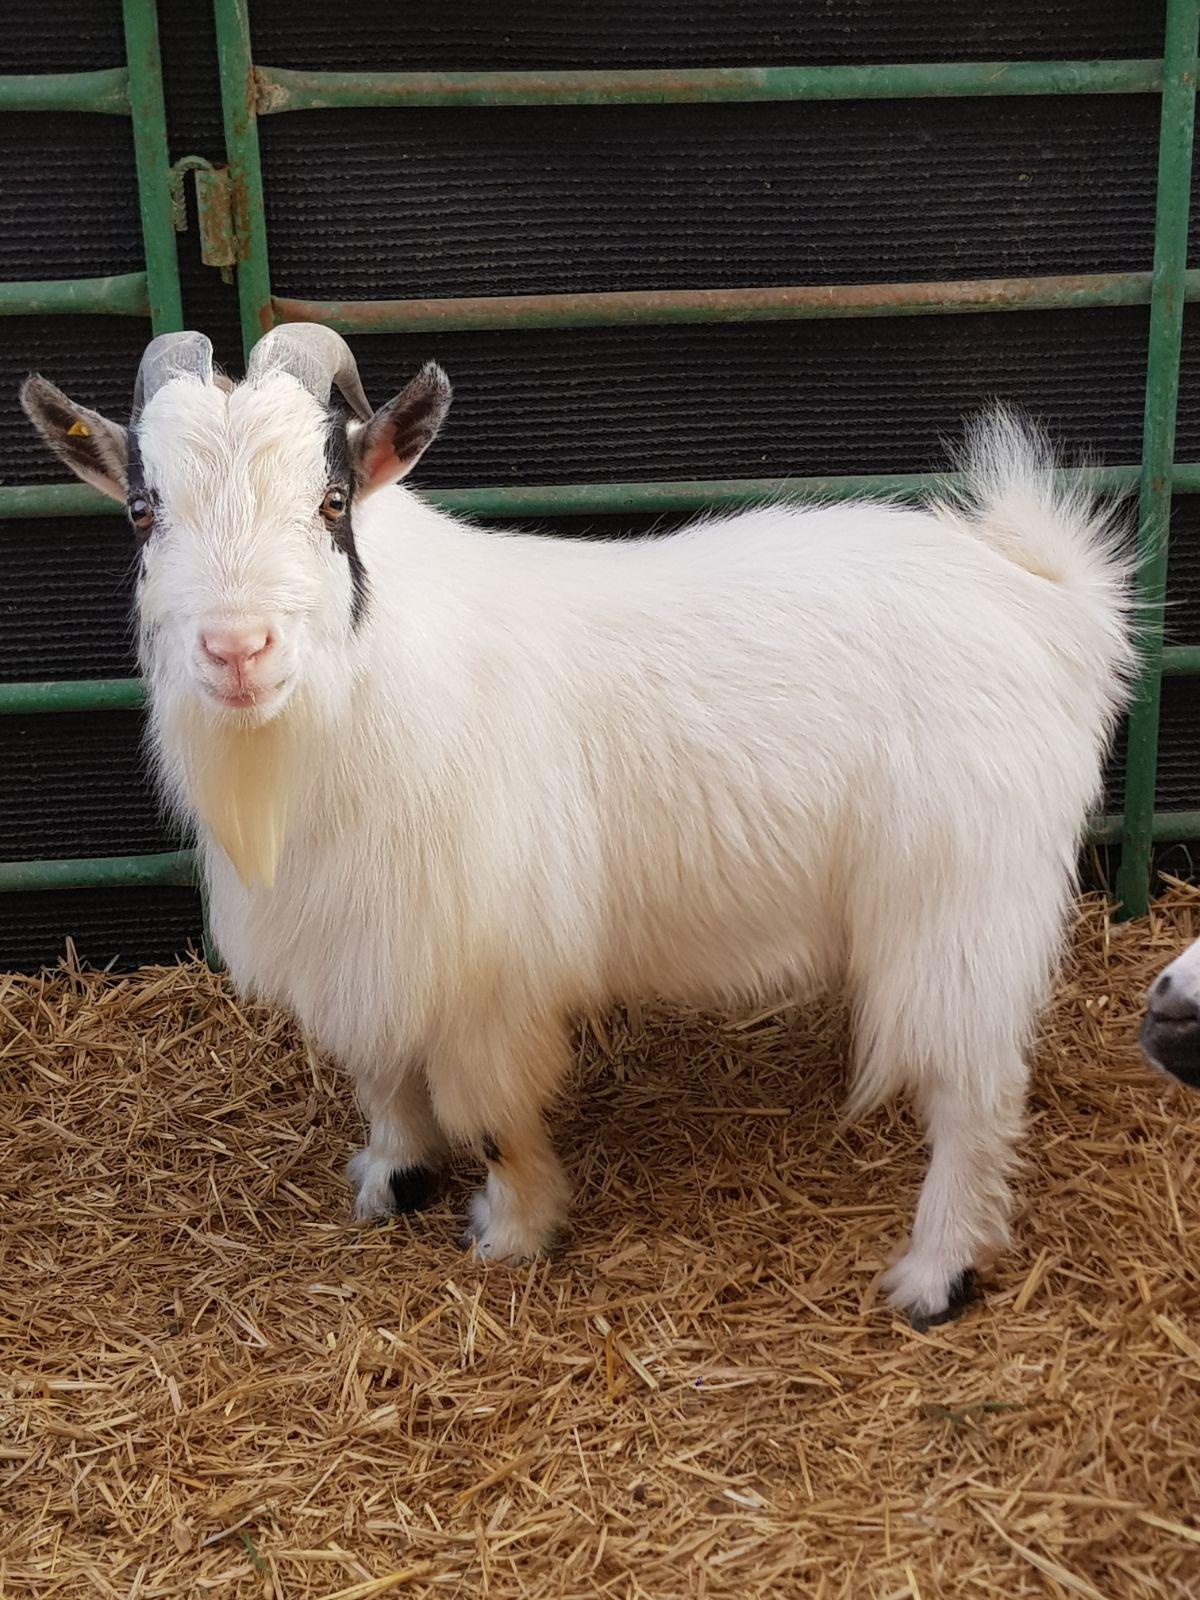 معلومات عن الماعز القزم المرسال